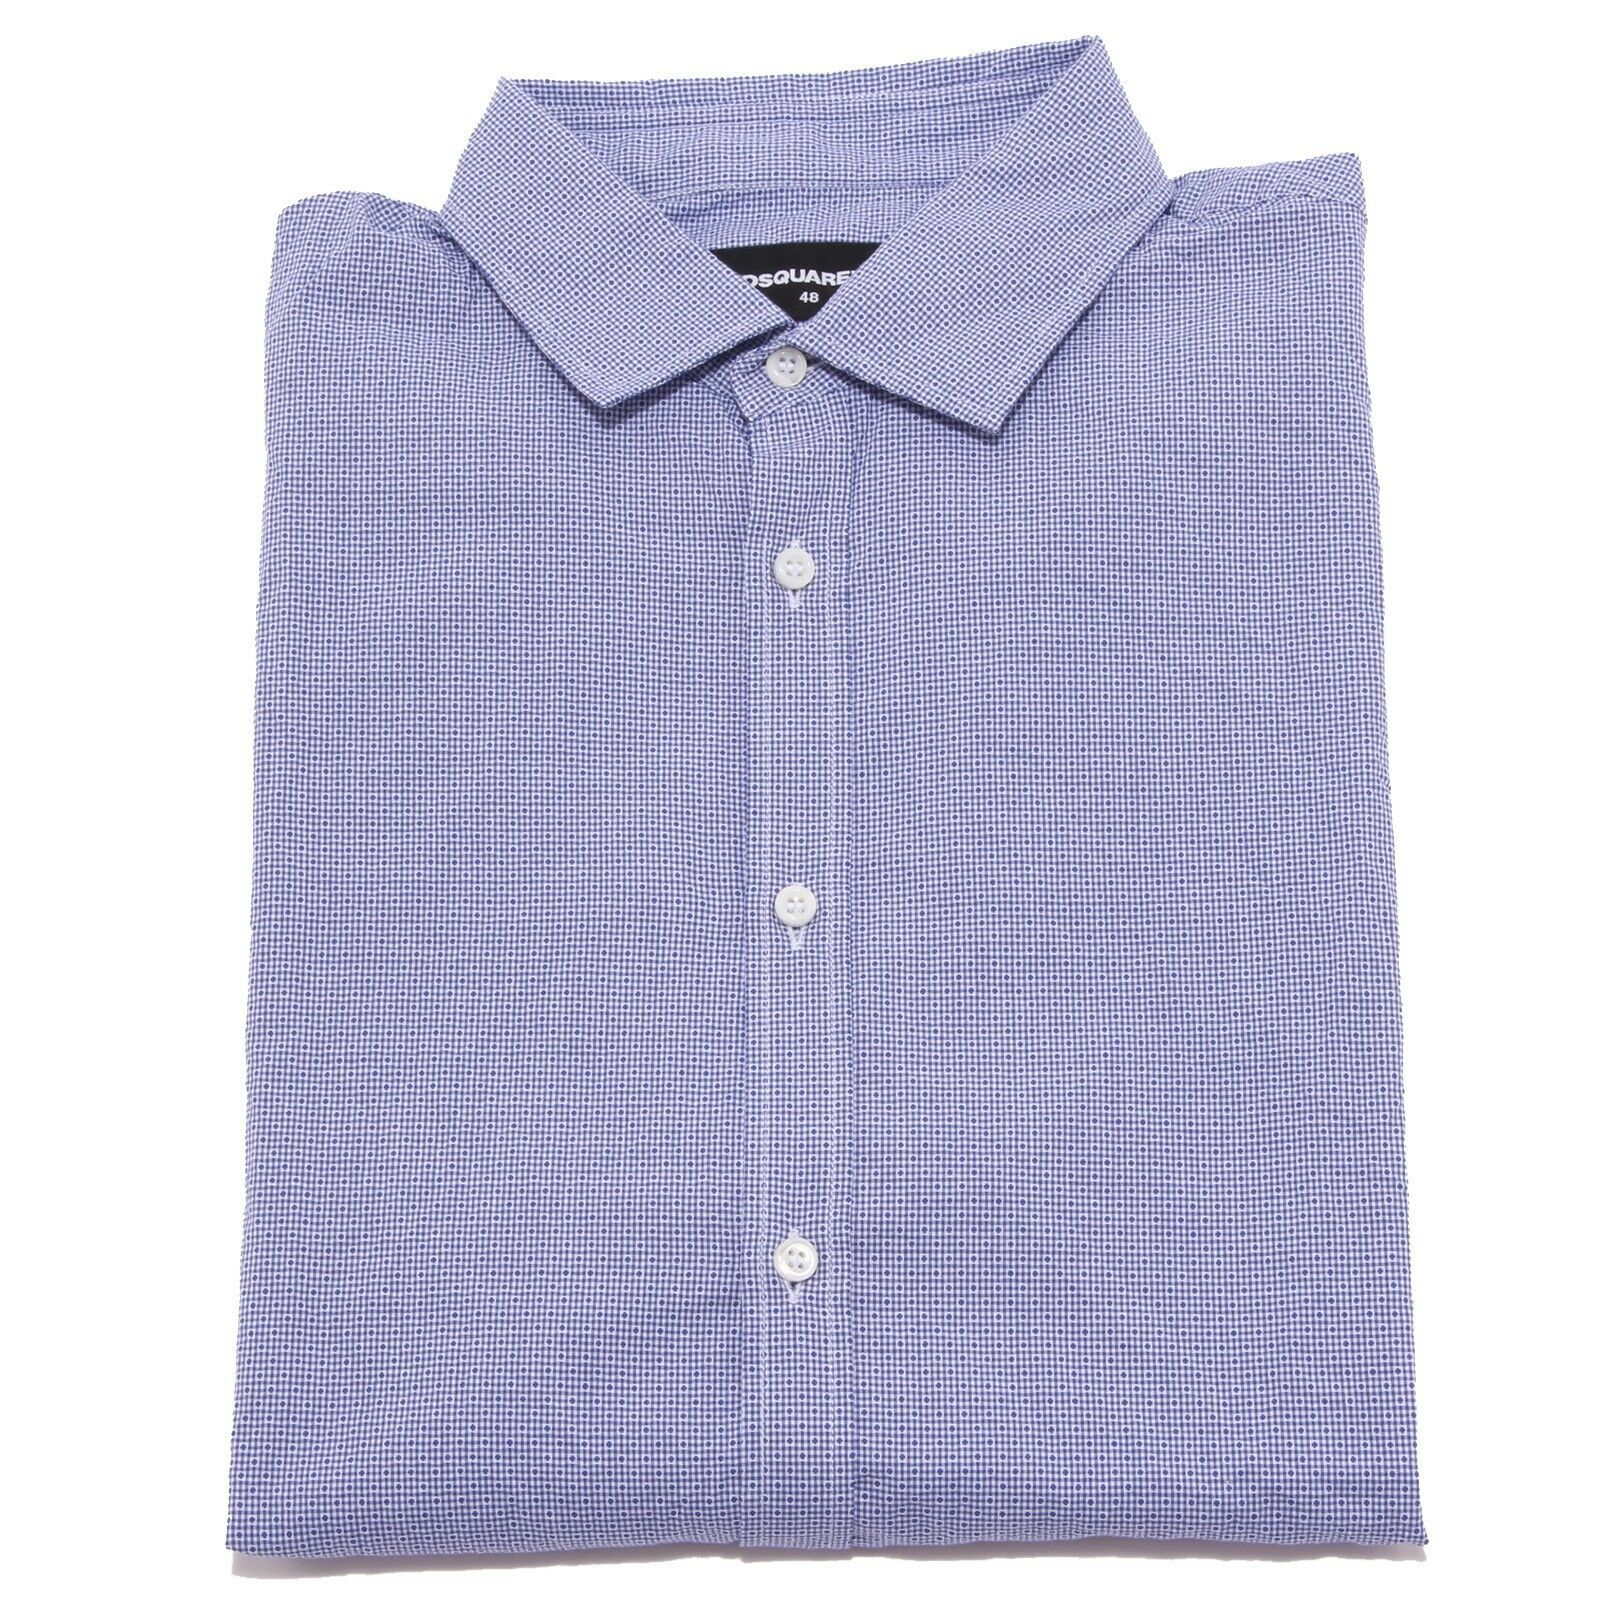 4842W camicia uomo DSQUARED2 crumpled blu shirt men